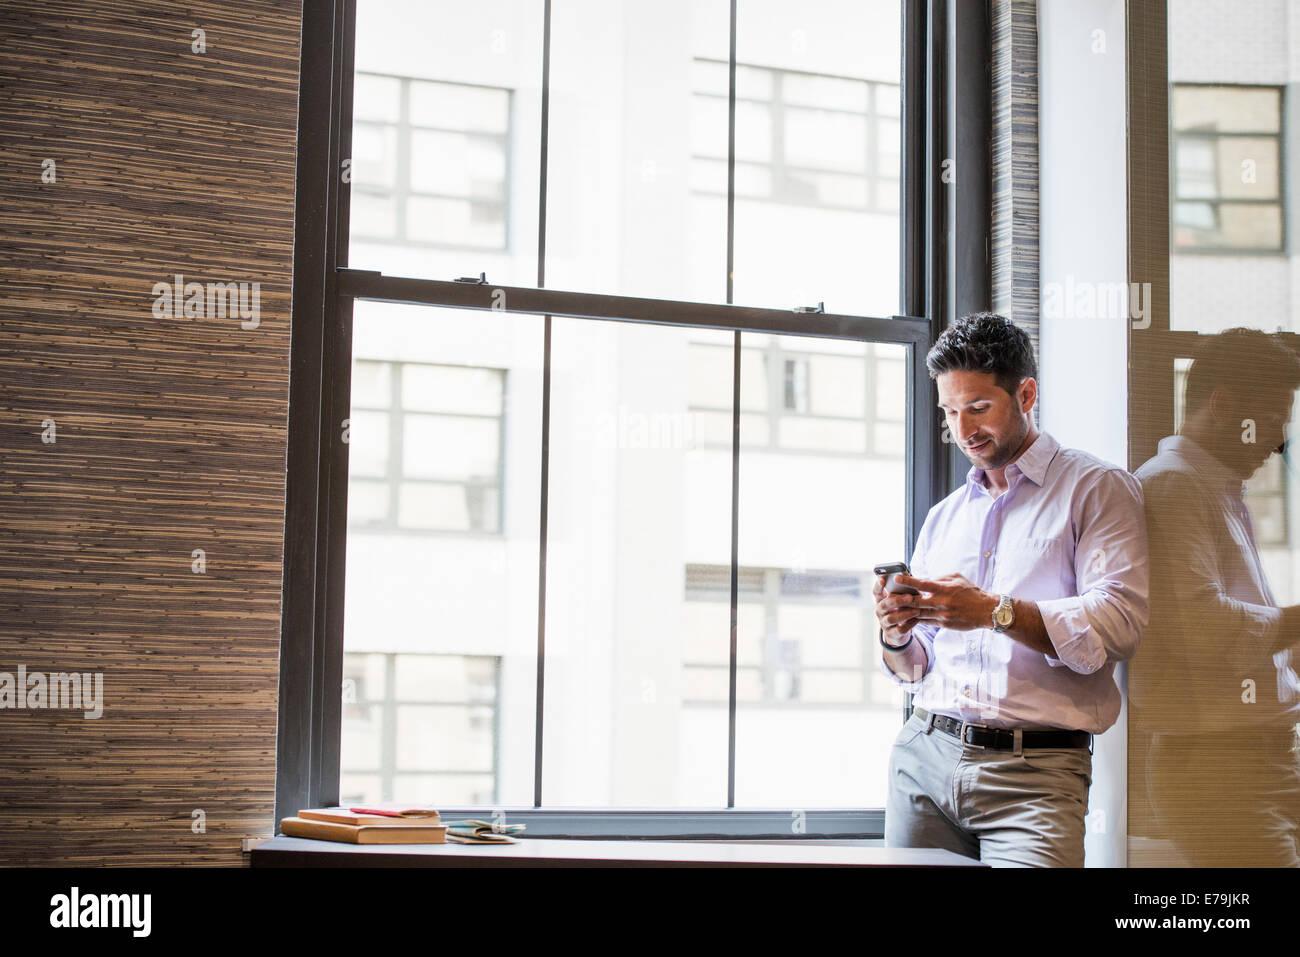 Vida de oficina. Un hombre en una oficina controlar su teléfono inteligente. Imagen De Stock